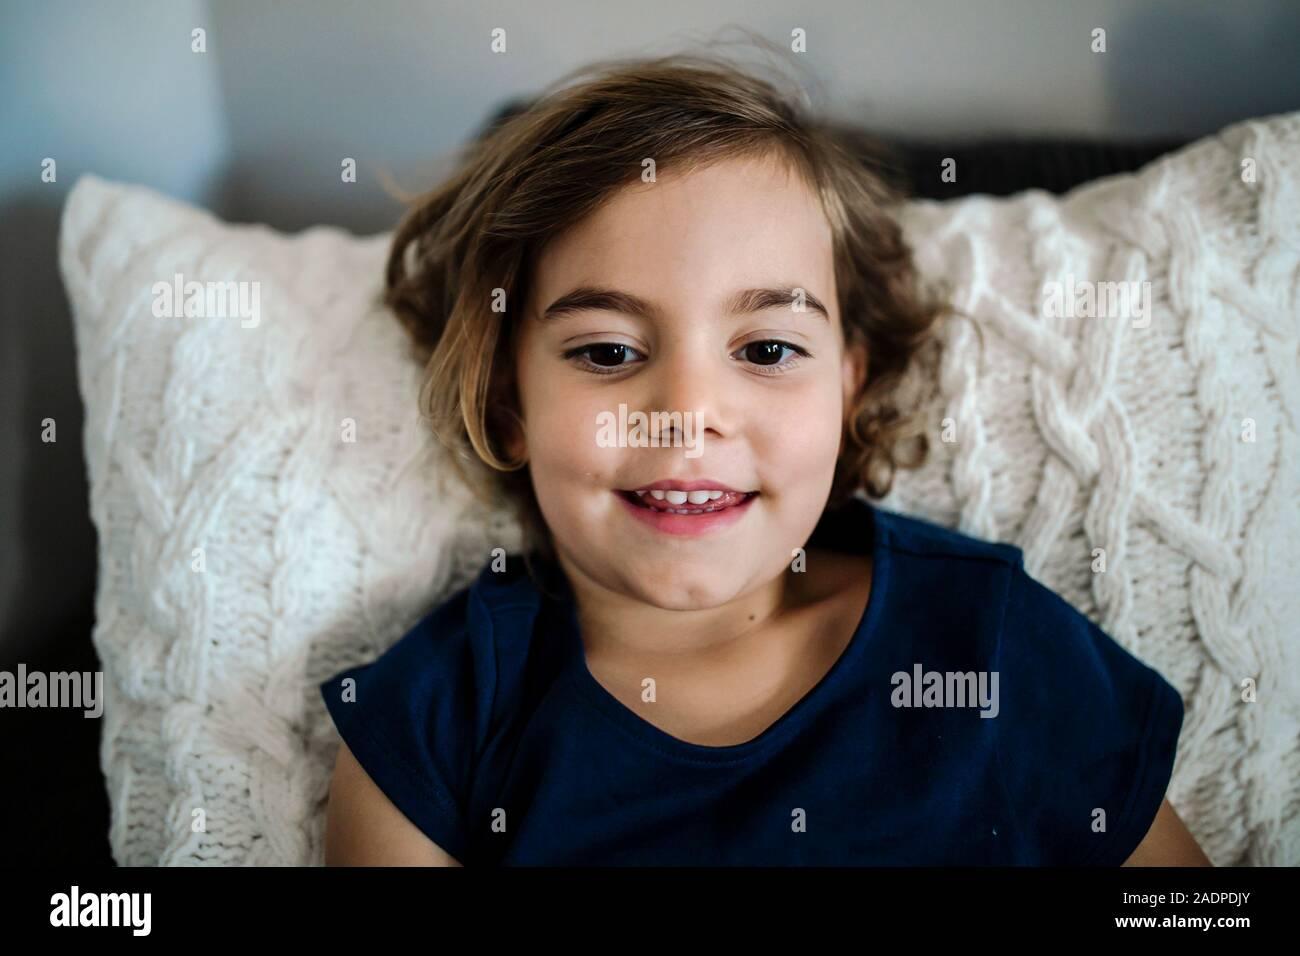 Sonrisa hermosa niña de 4 años con las cejas y ojos marrones oscuros Foto de stock